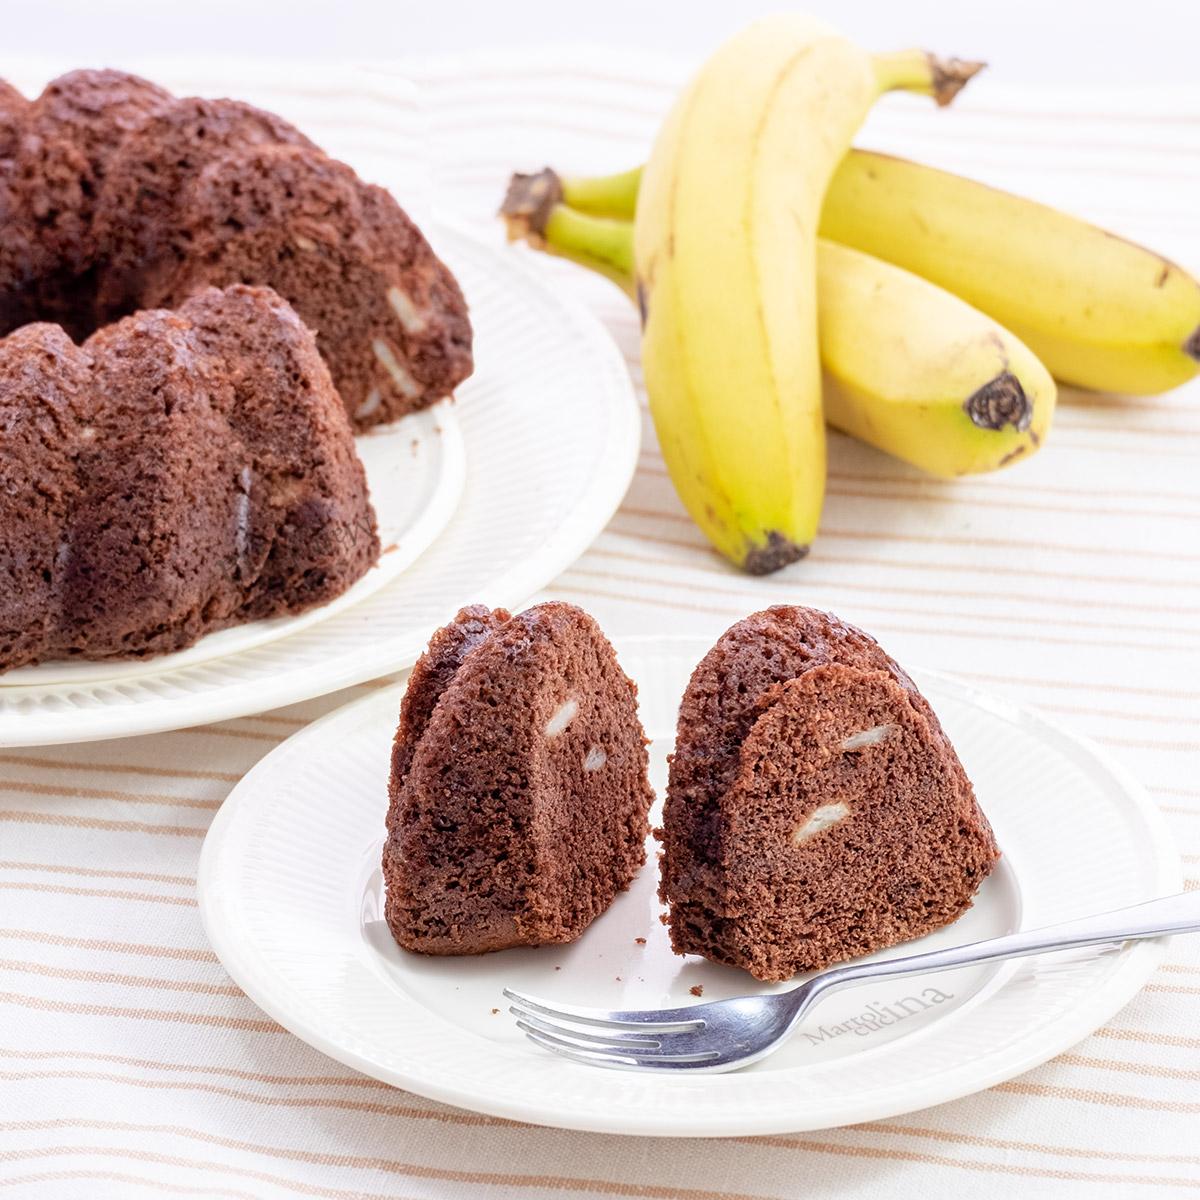 Torta all'acqua con banane e cioccolato